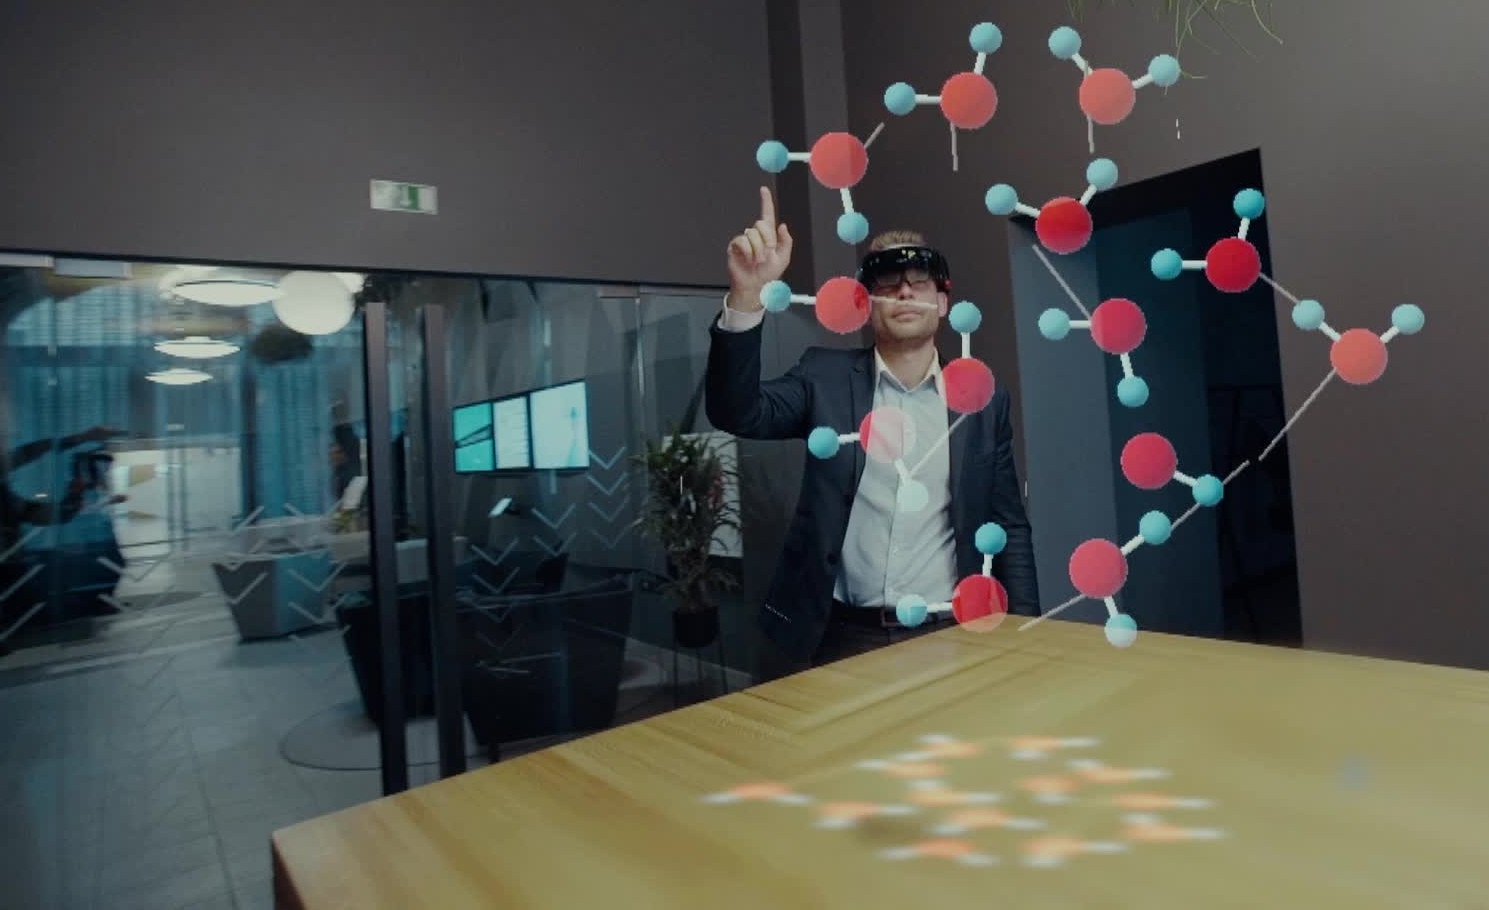 Accenture's liquid studio